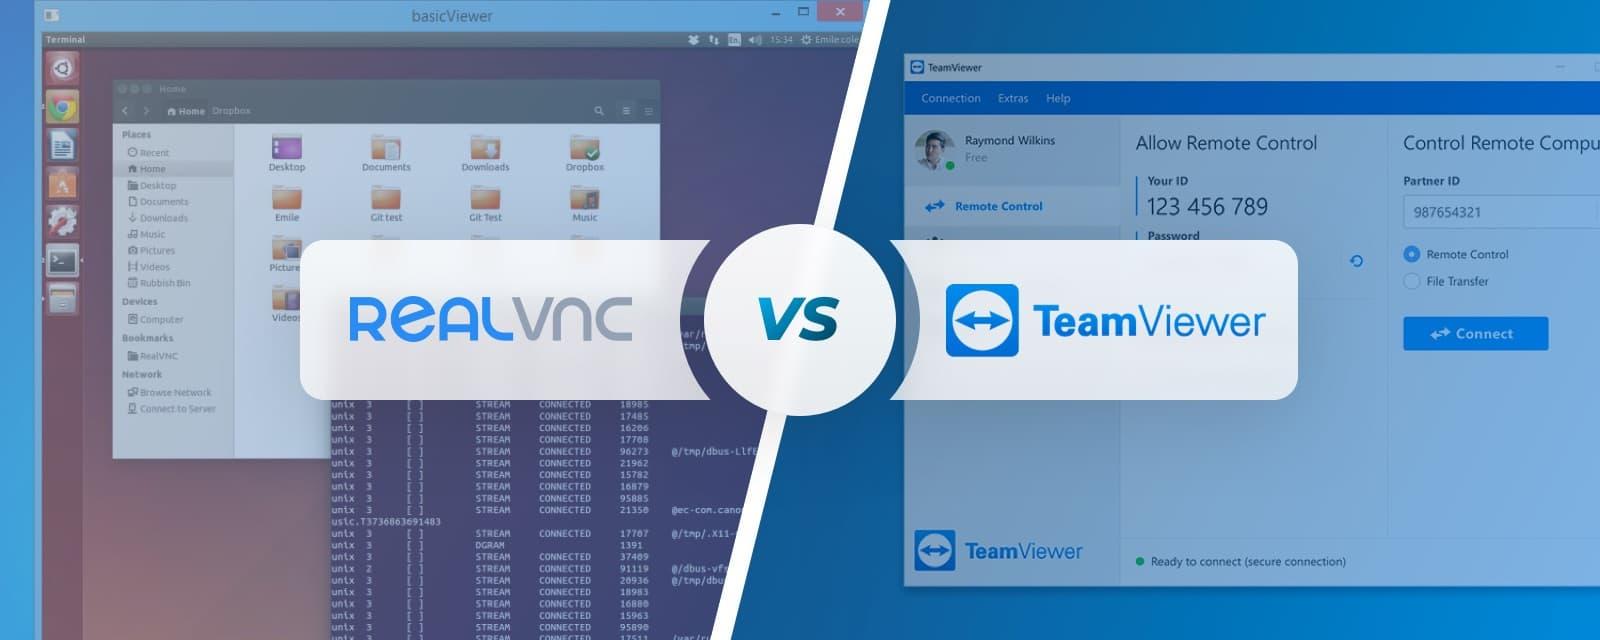 TeamViewer vs RealVNC Comparison